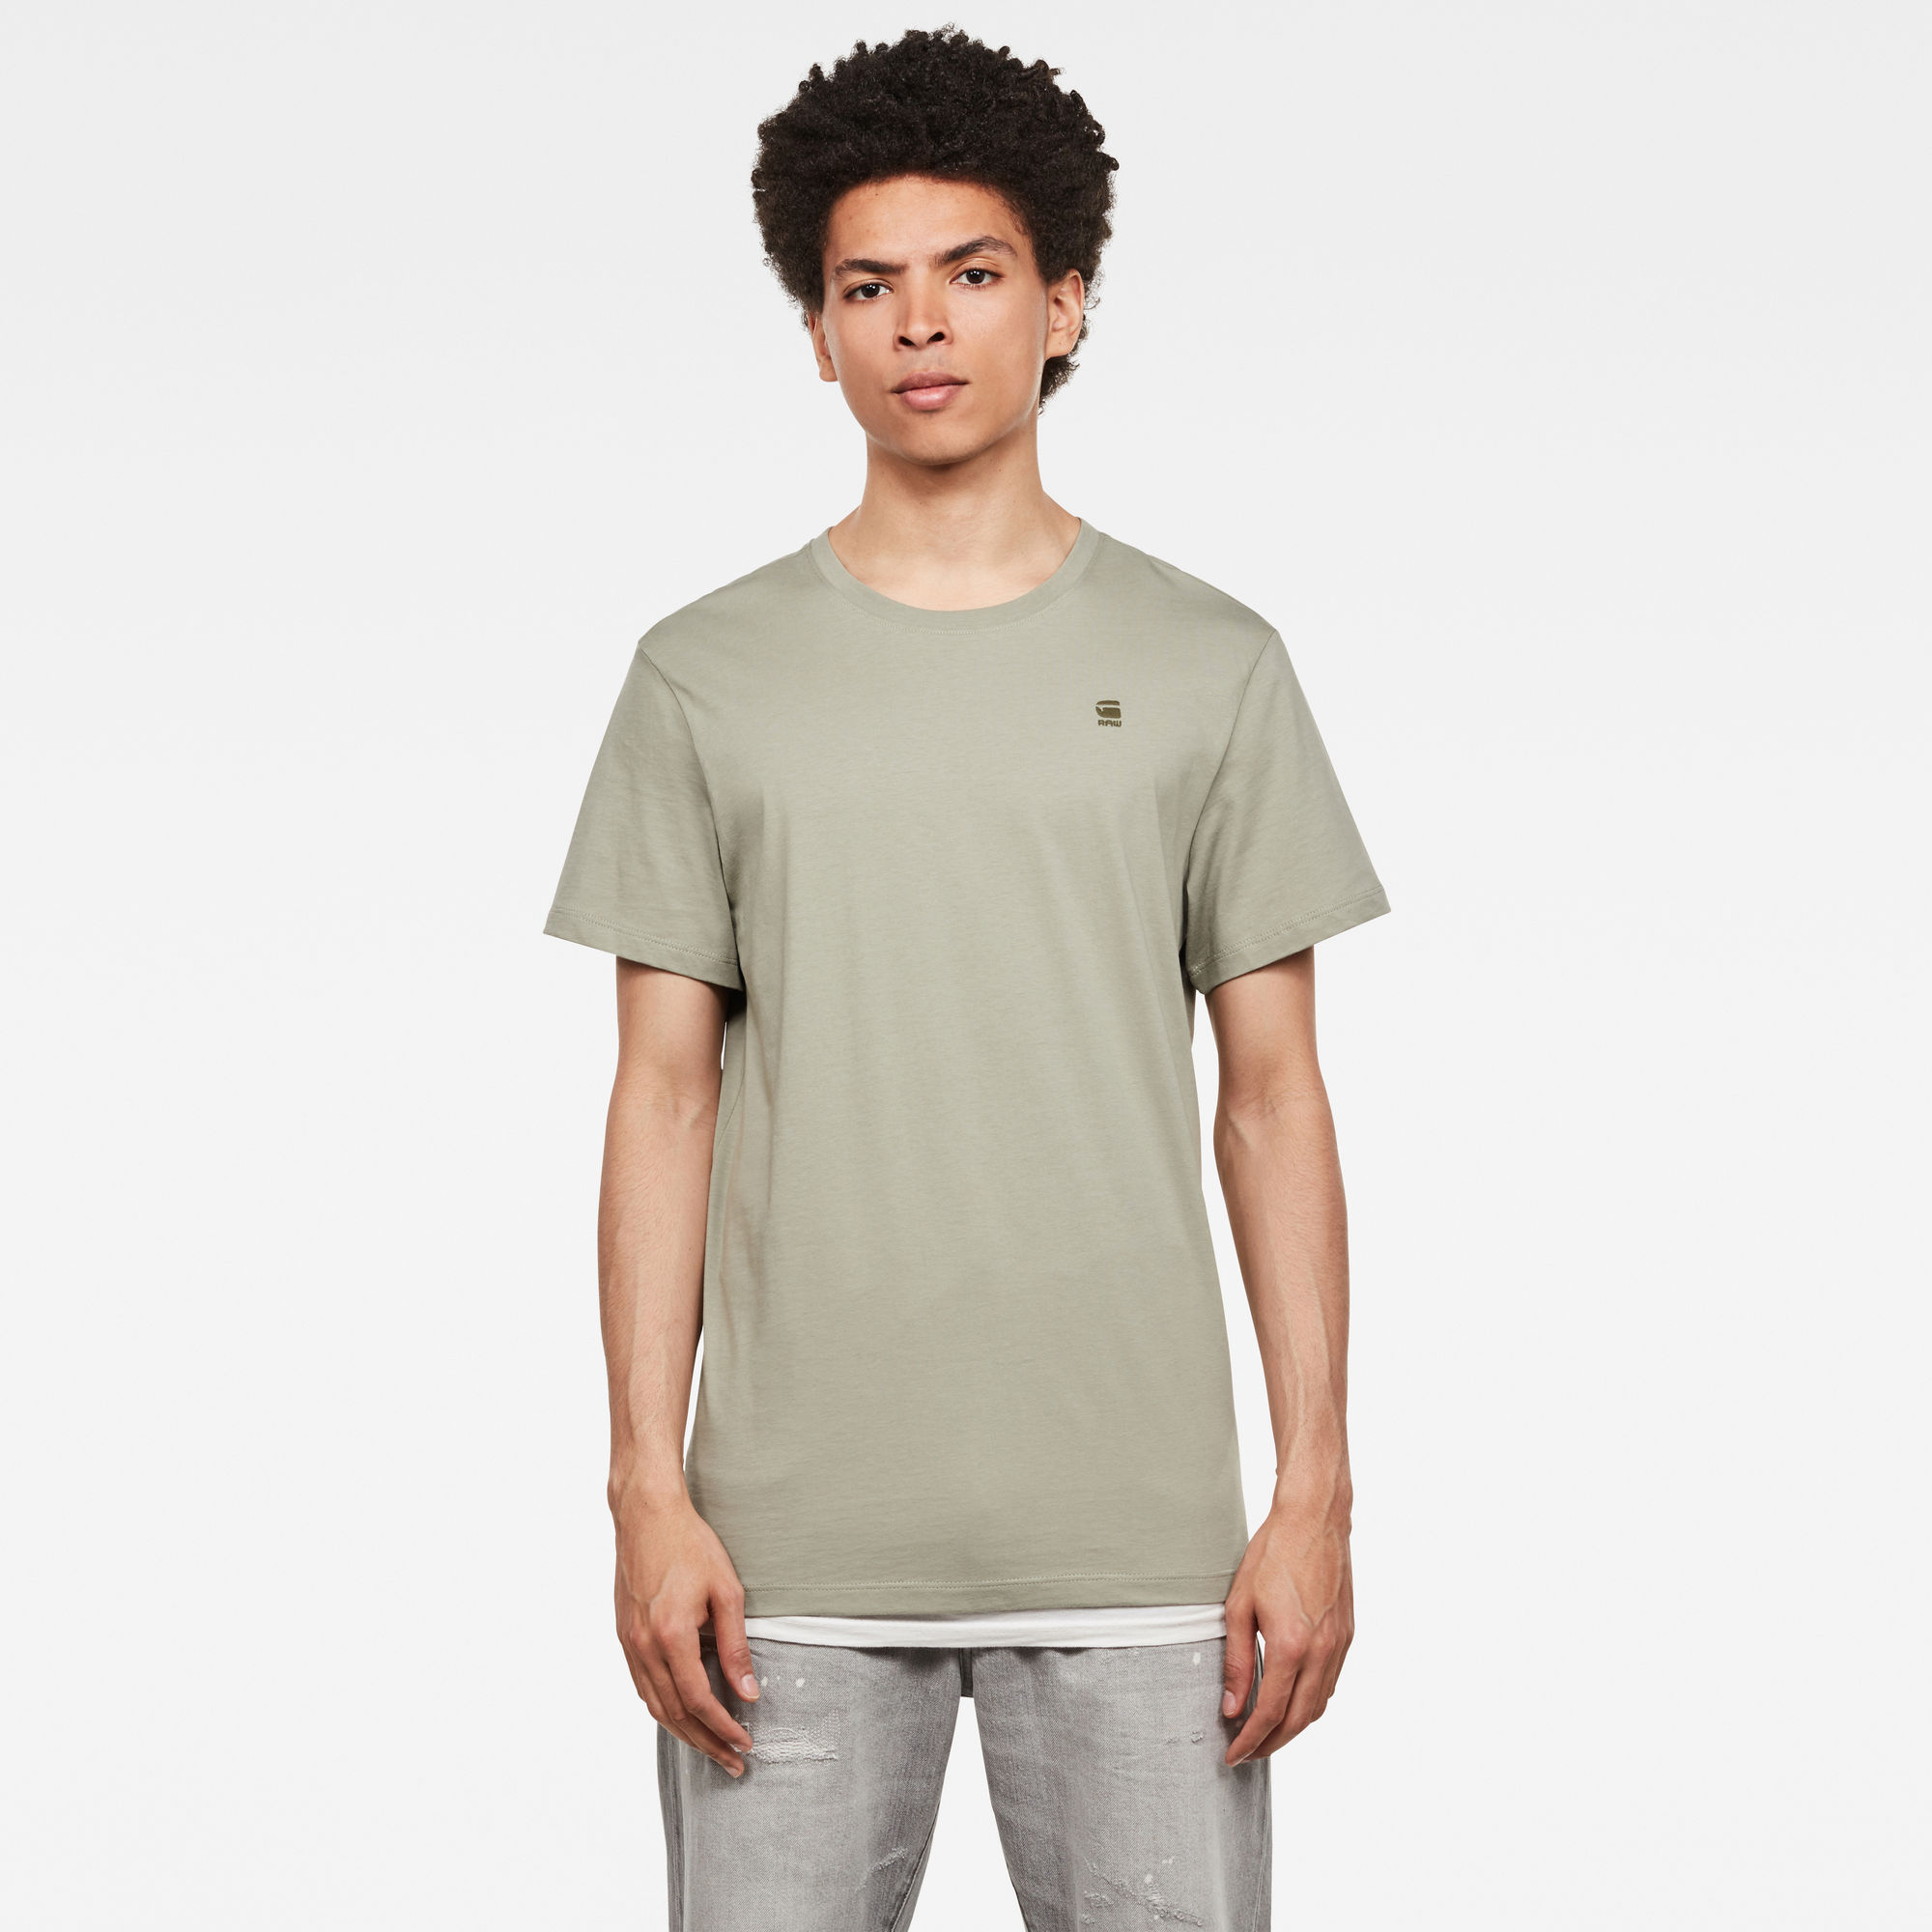 G-Star RAW Heren Base-S T-Shirt Groen